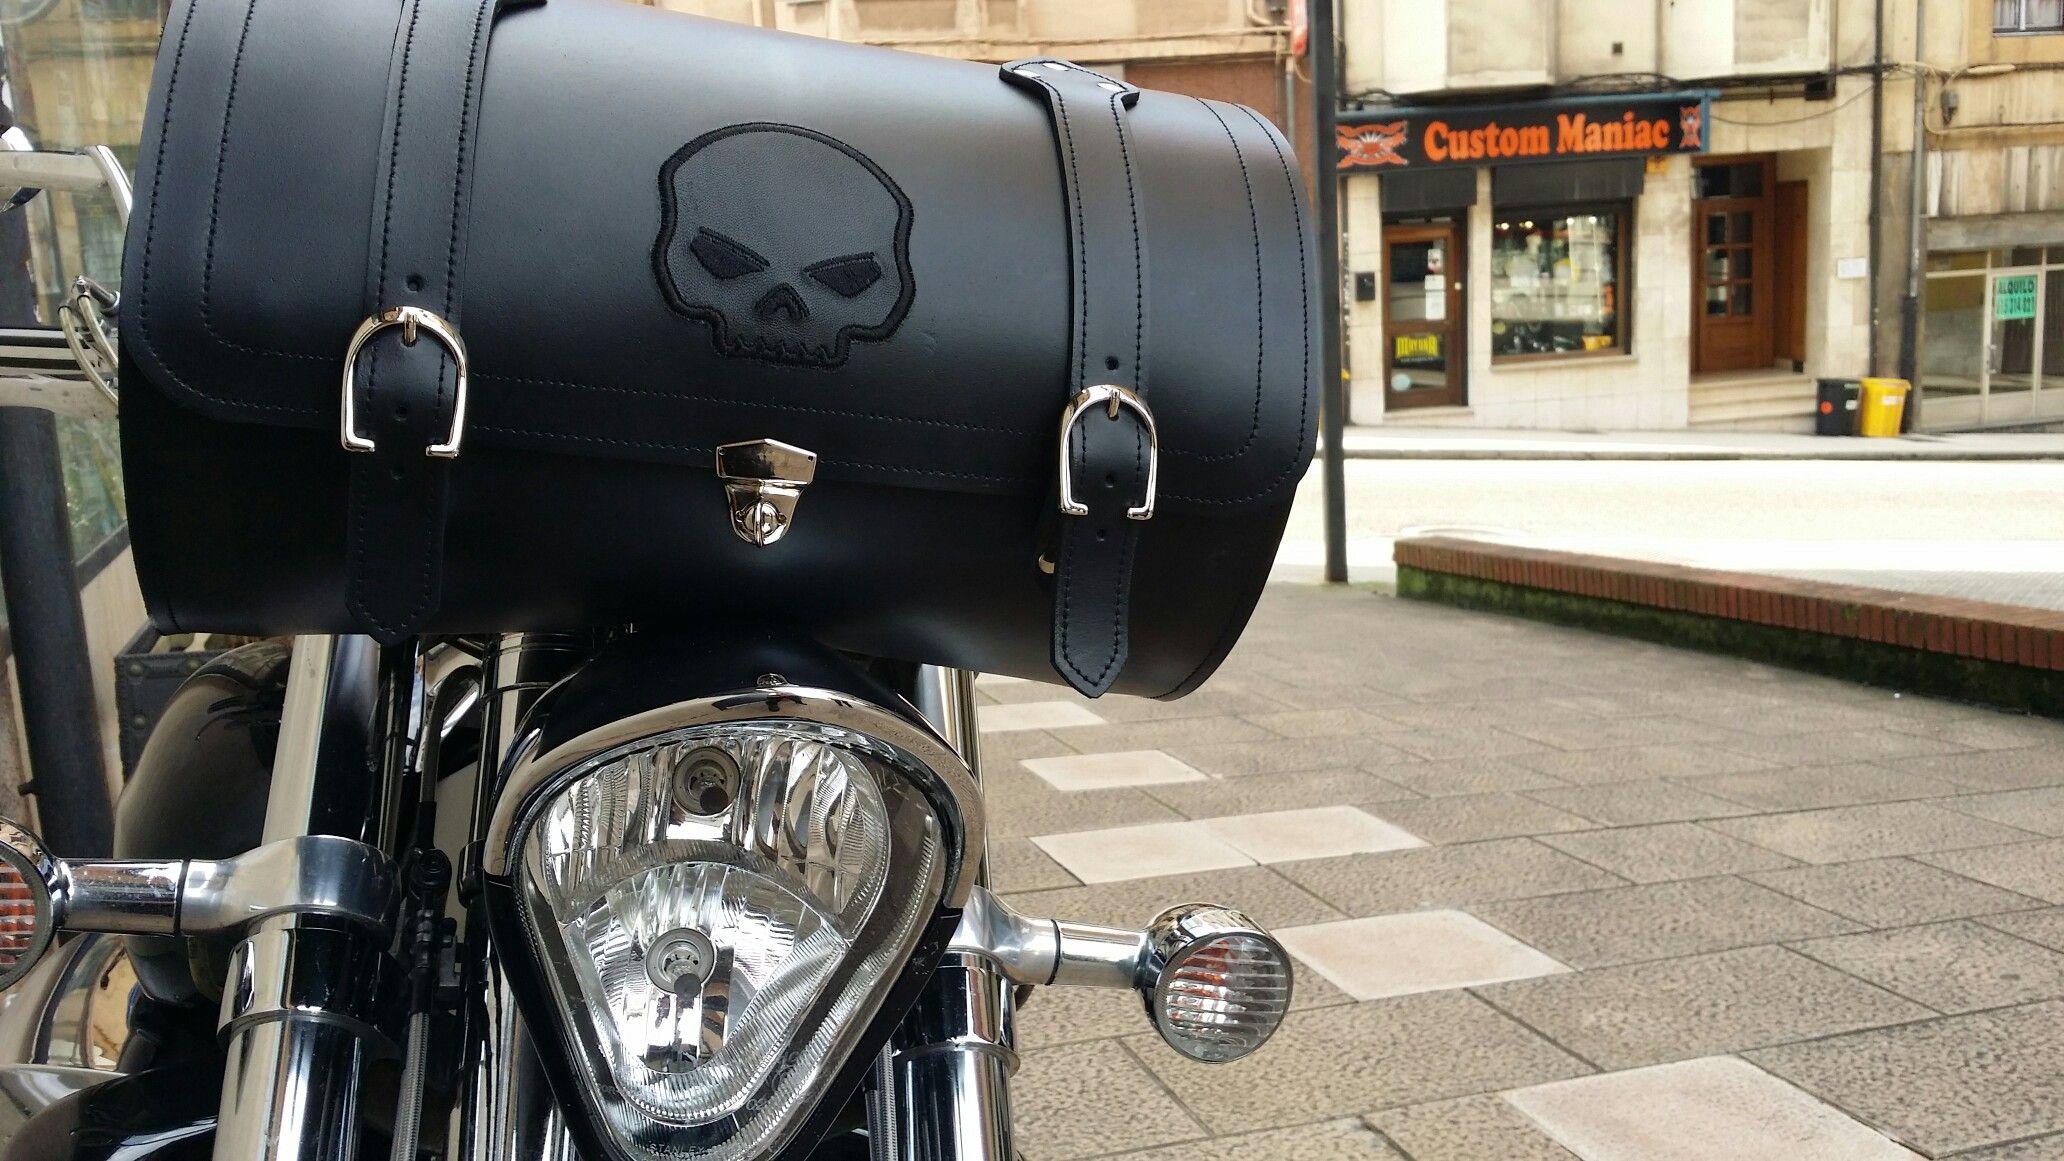 Baúl para el manillar. Para los que llevan mucho equipaje y no les basta con las alforjas y el baúl trasero. www.tiendacustom.com